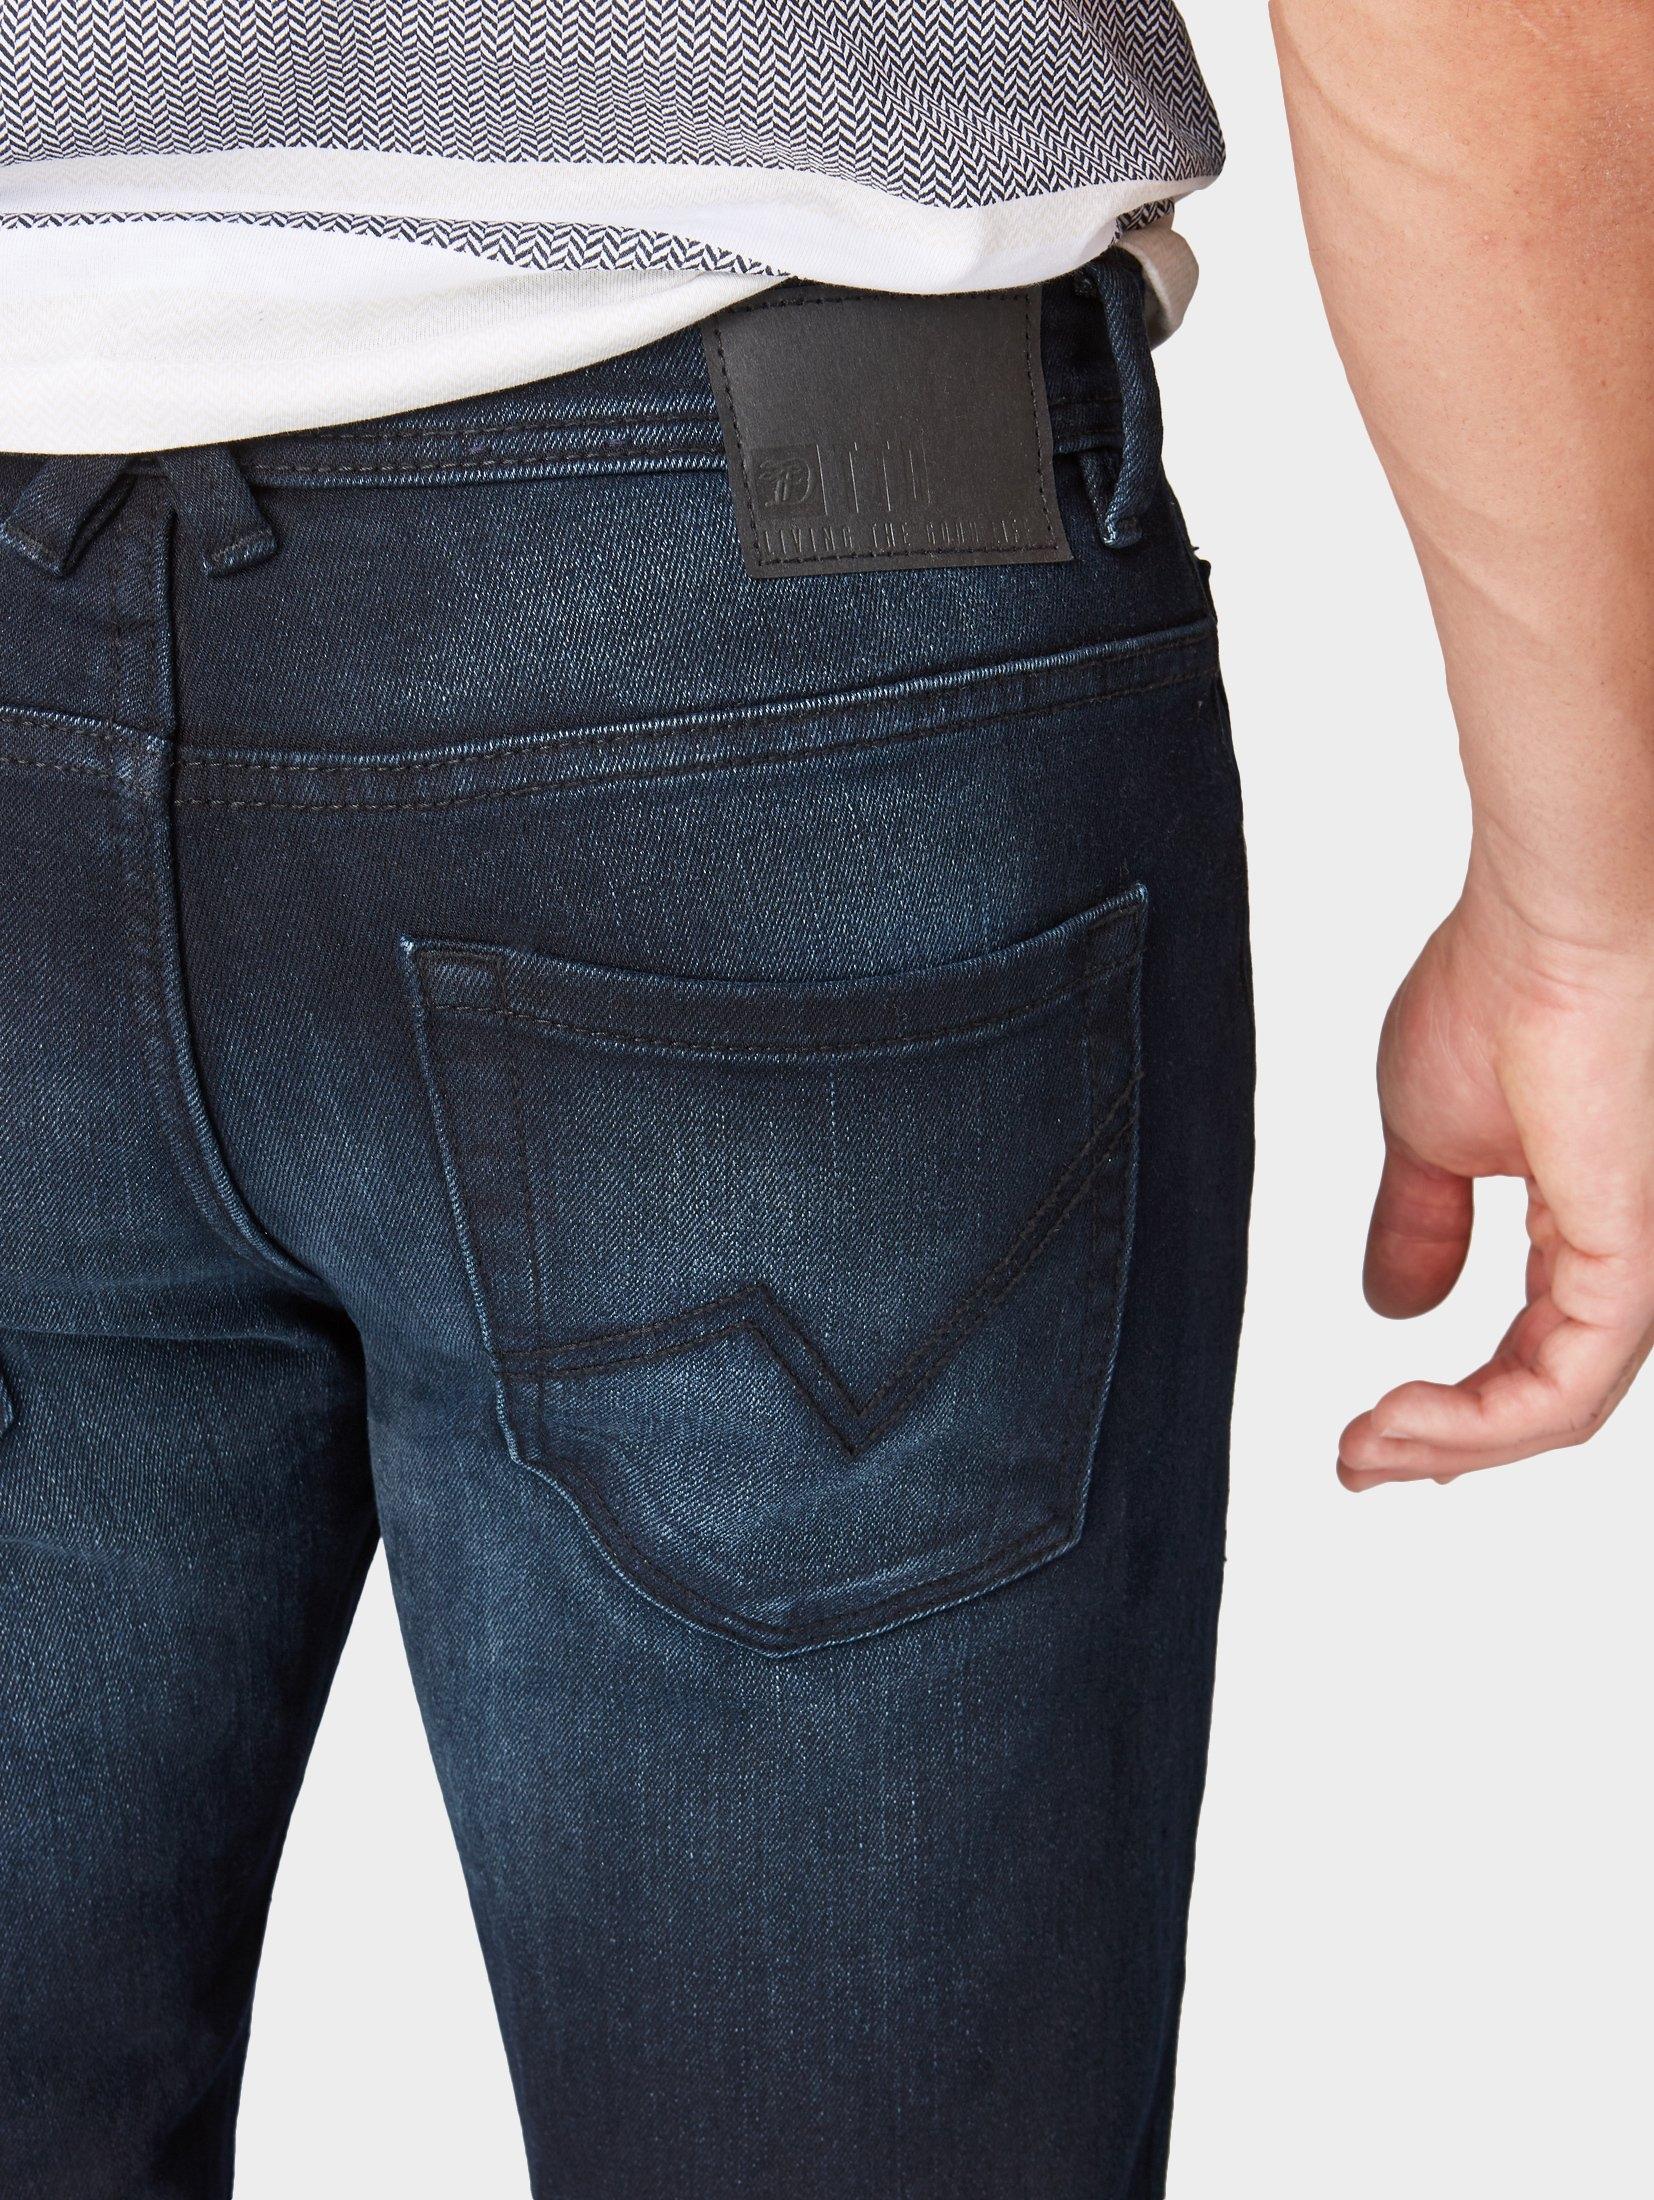 Online Tailor Bestellen Jeanspiers pocket Slim Tom 5 Super Jeans Denim 4R5ALq3j